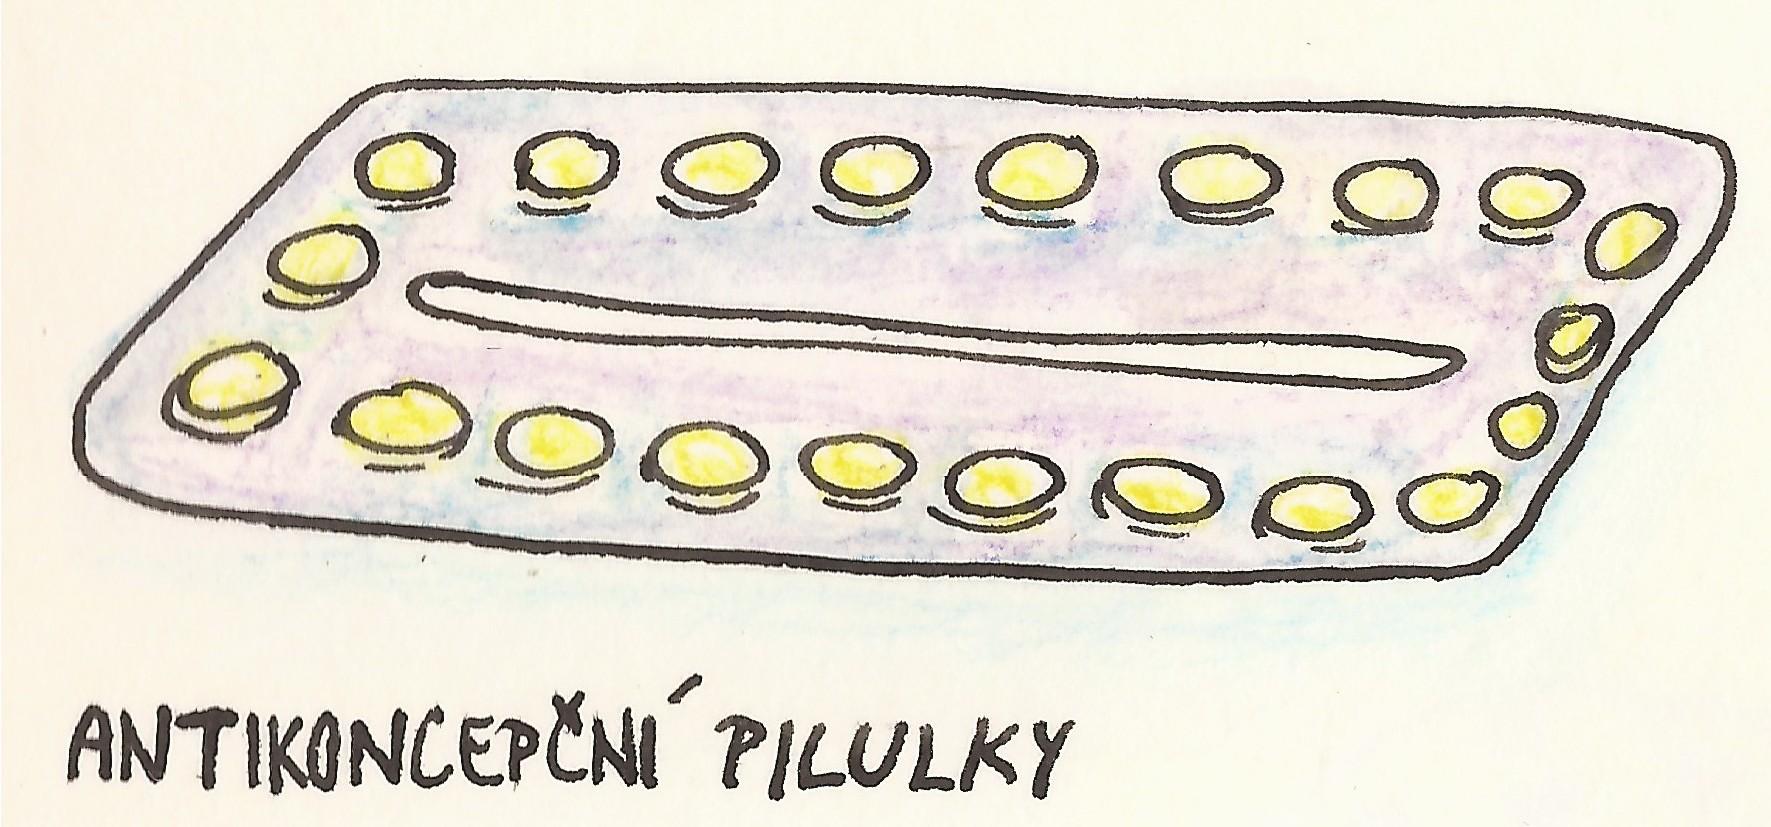 antikoncepce - pilulky